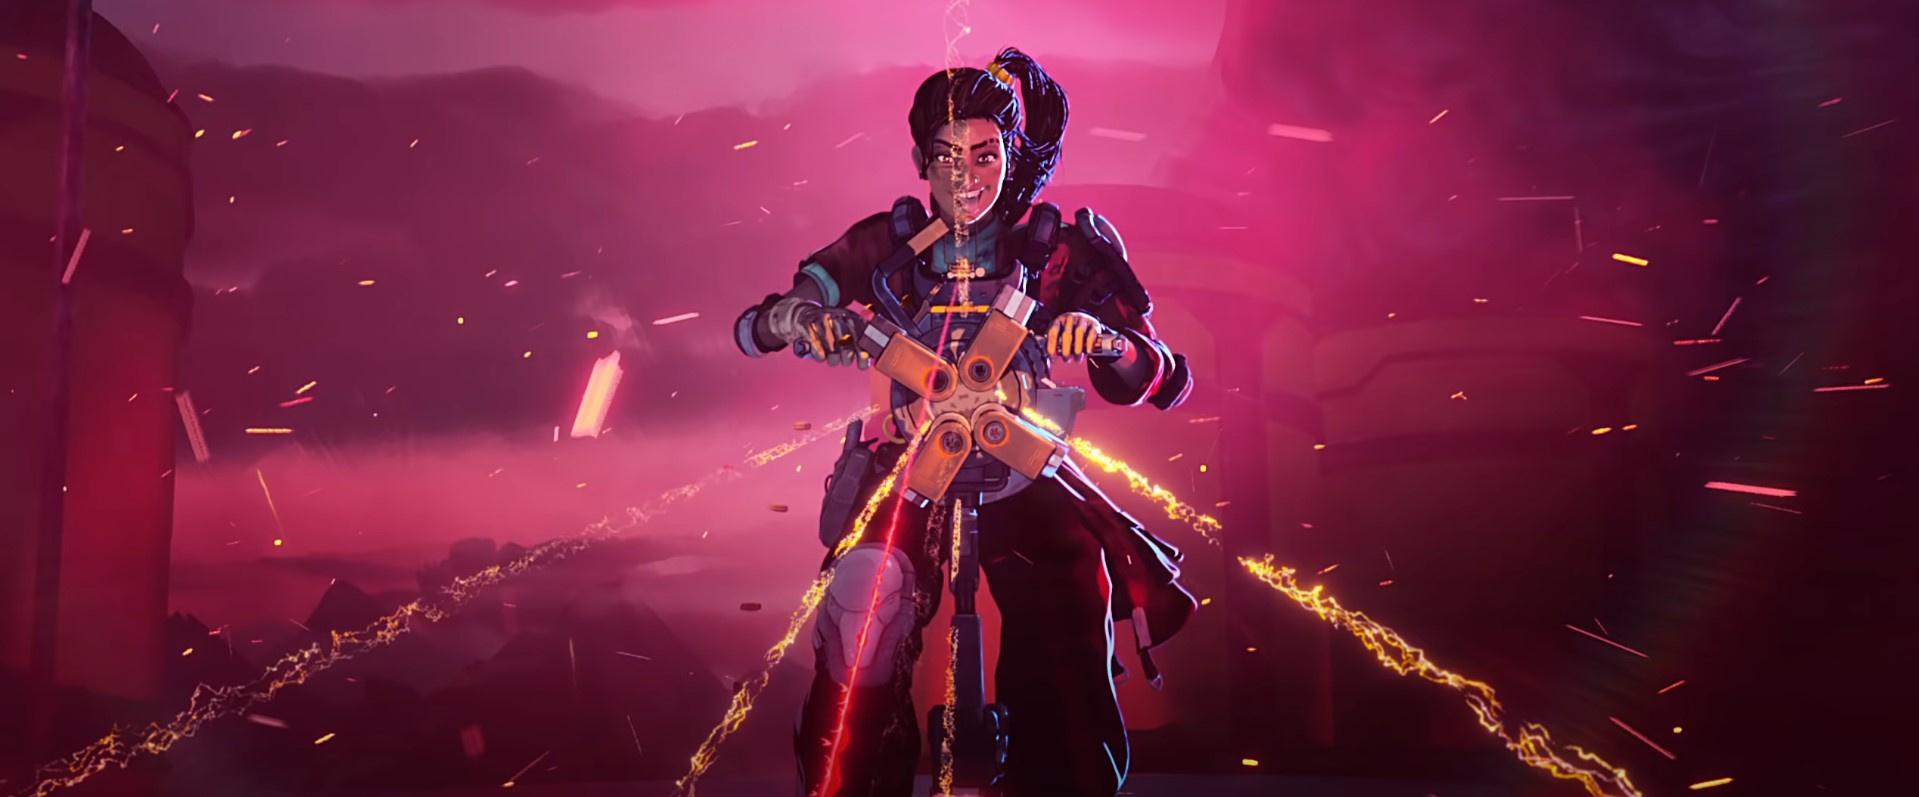 Шестой сезон Apex Legends начнётся18 августа — трейлер и первые детали